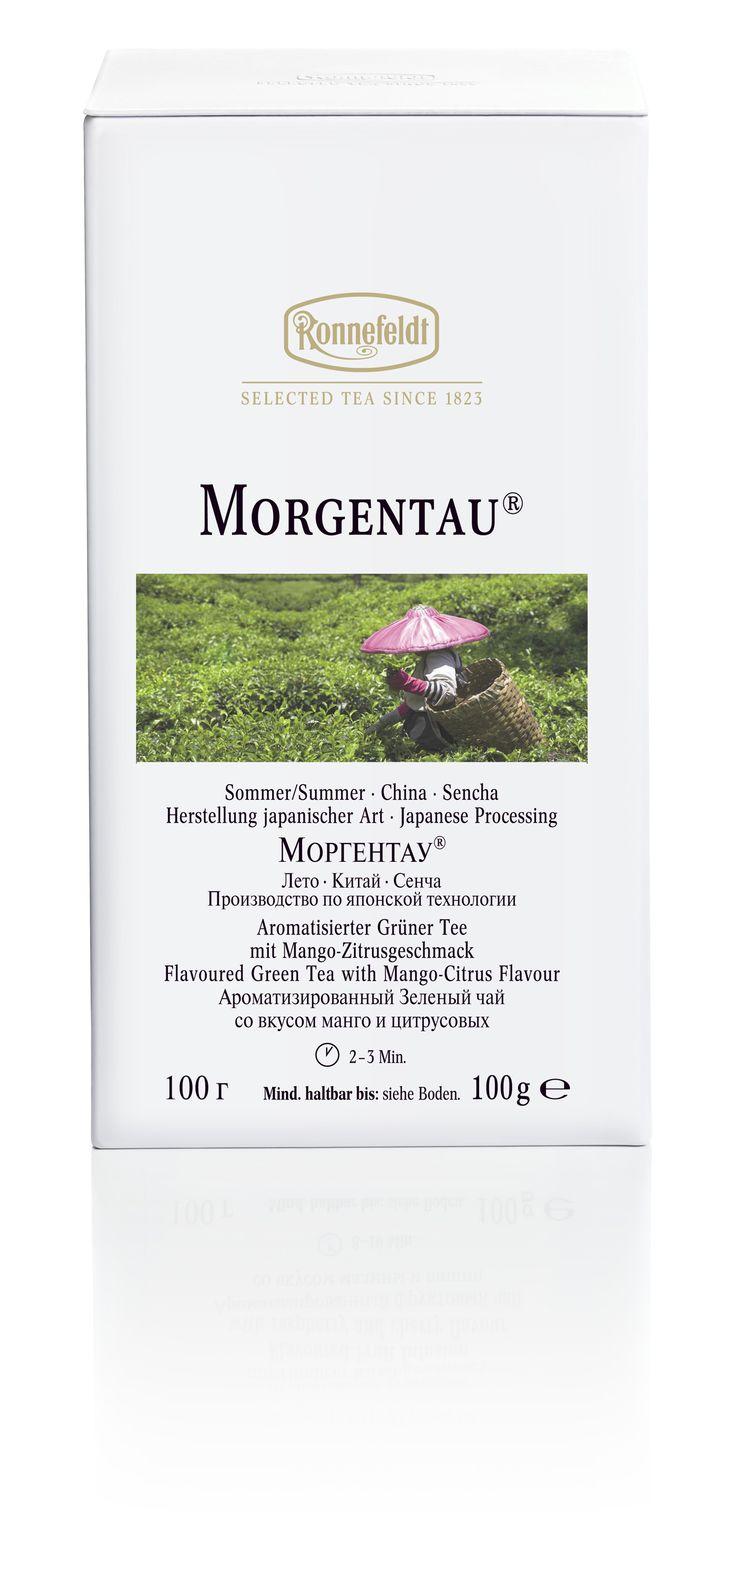 Ronnefeldt White Collection - Morgentau